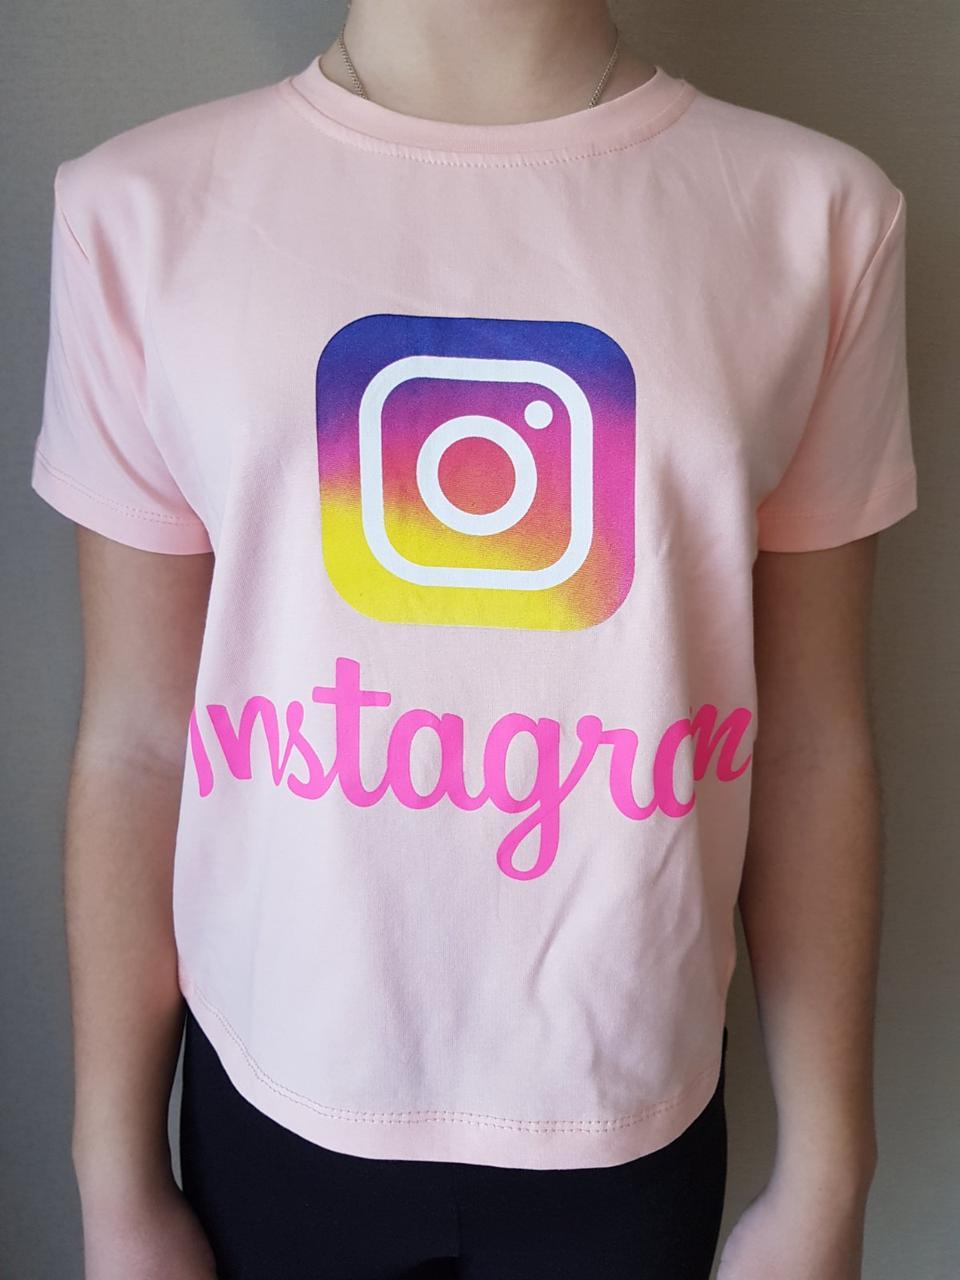 {есть:10 лет,11 лет,12 лет,13 лет} Футболка Instagram для девочек,  Артикул: 1201-розовая [13 лет]